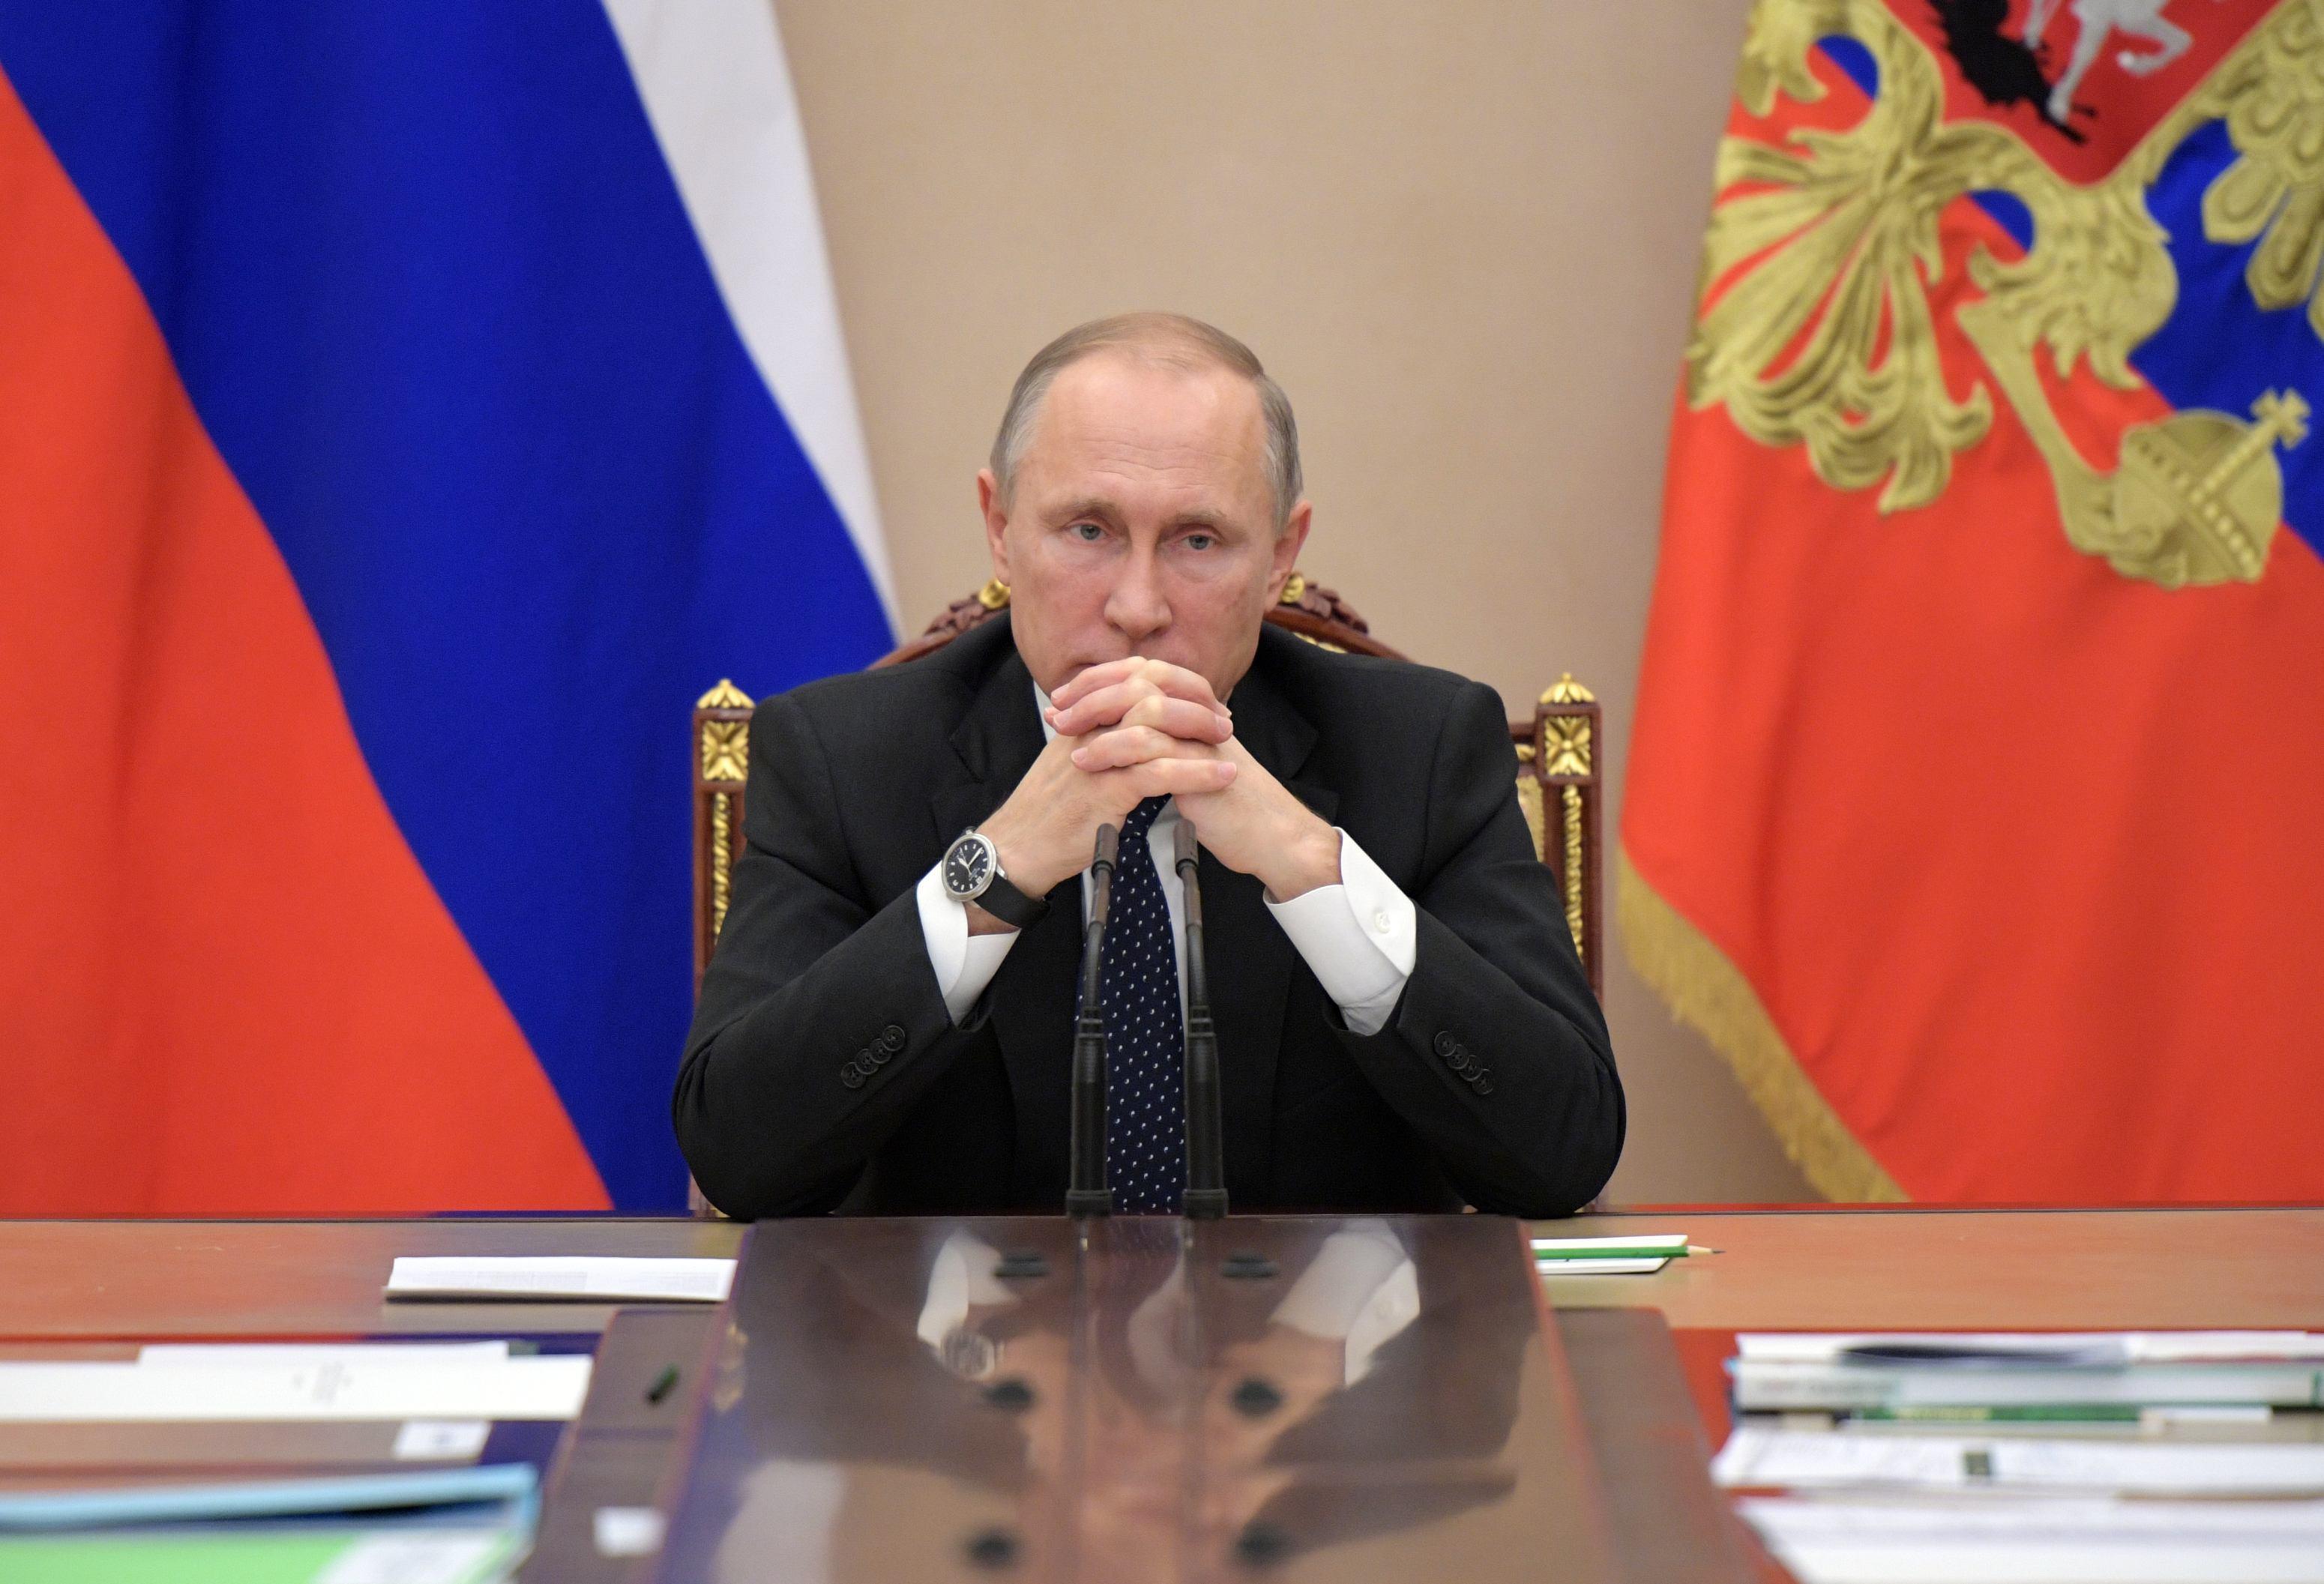 """Marea Britanie critică modul în care s-a derulat scrutinul parlamentar din Rusia. """"Regres grav pentru libertăţile democratice"""""""